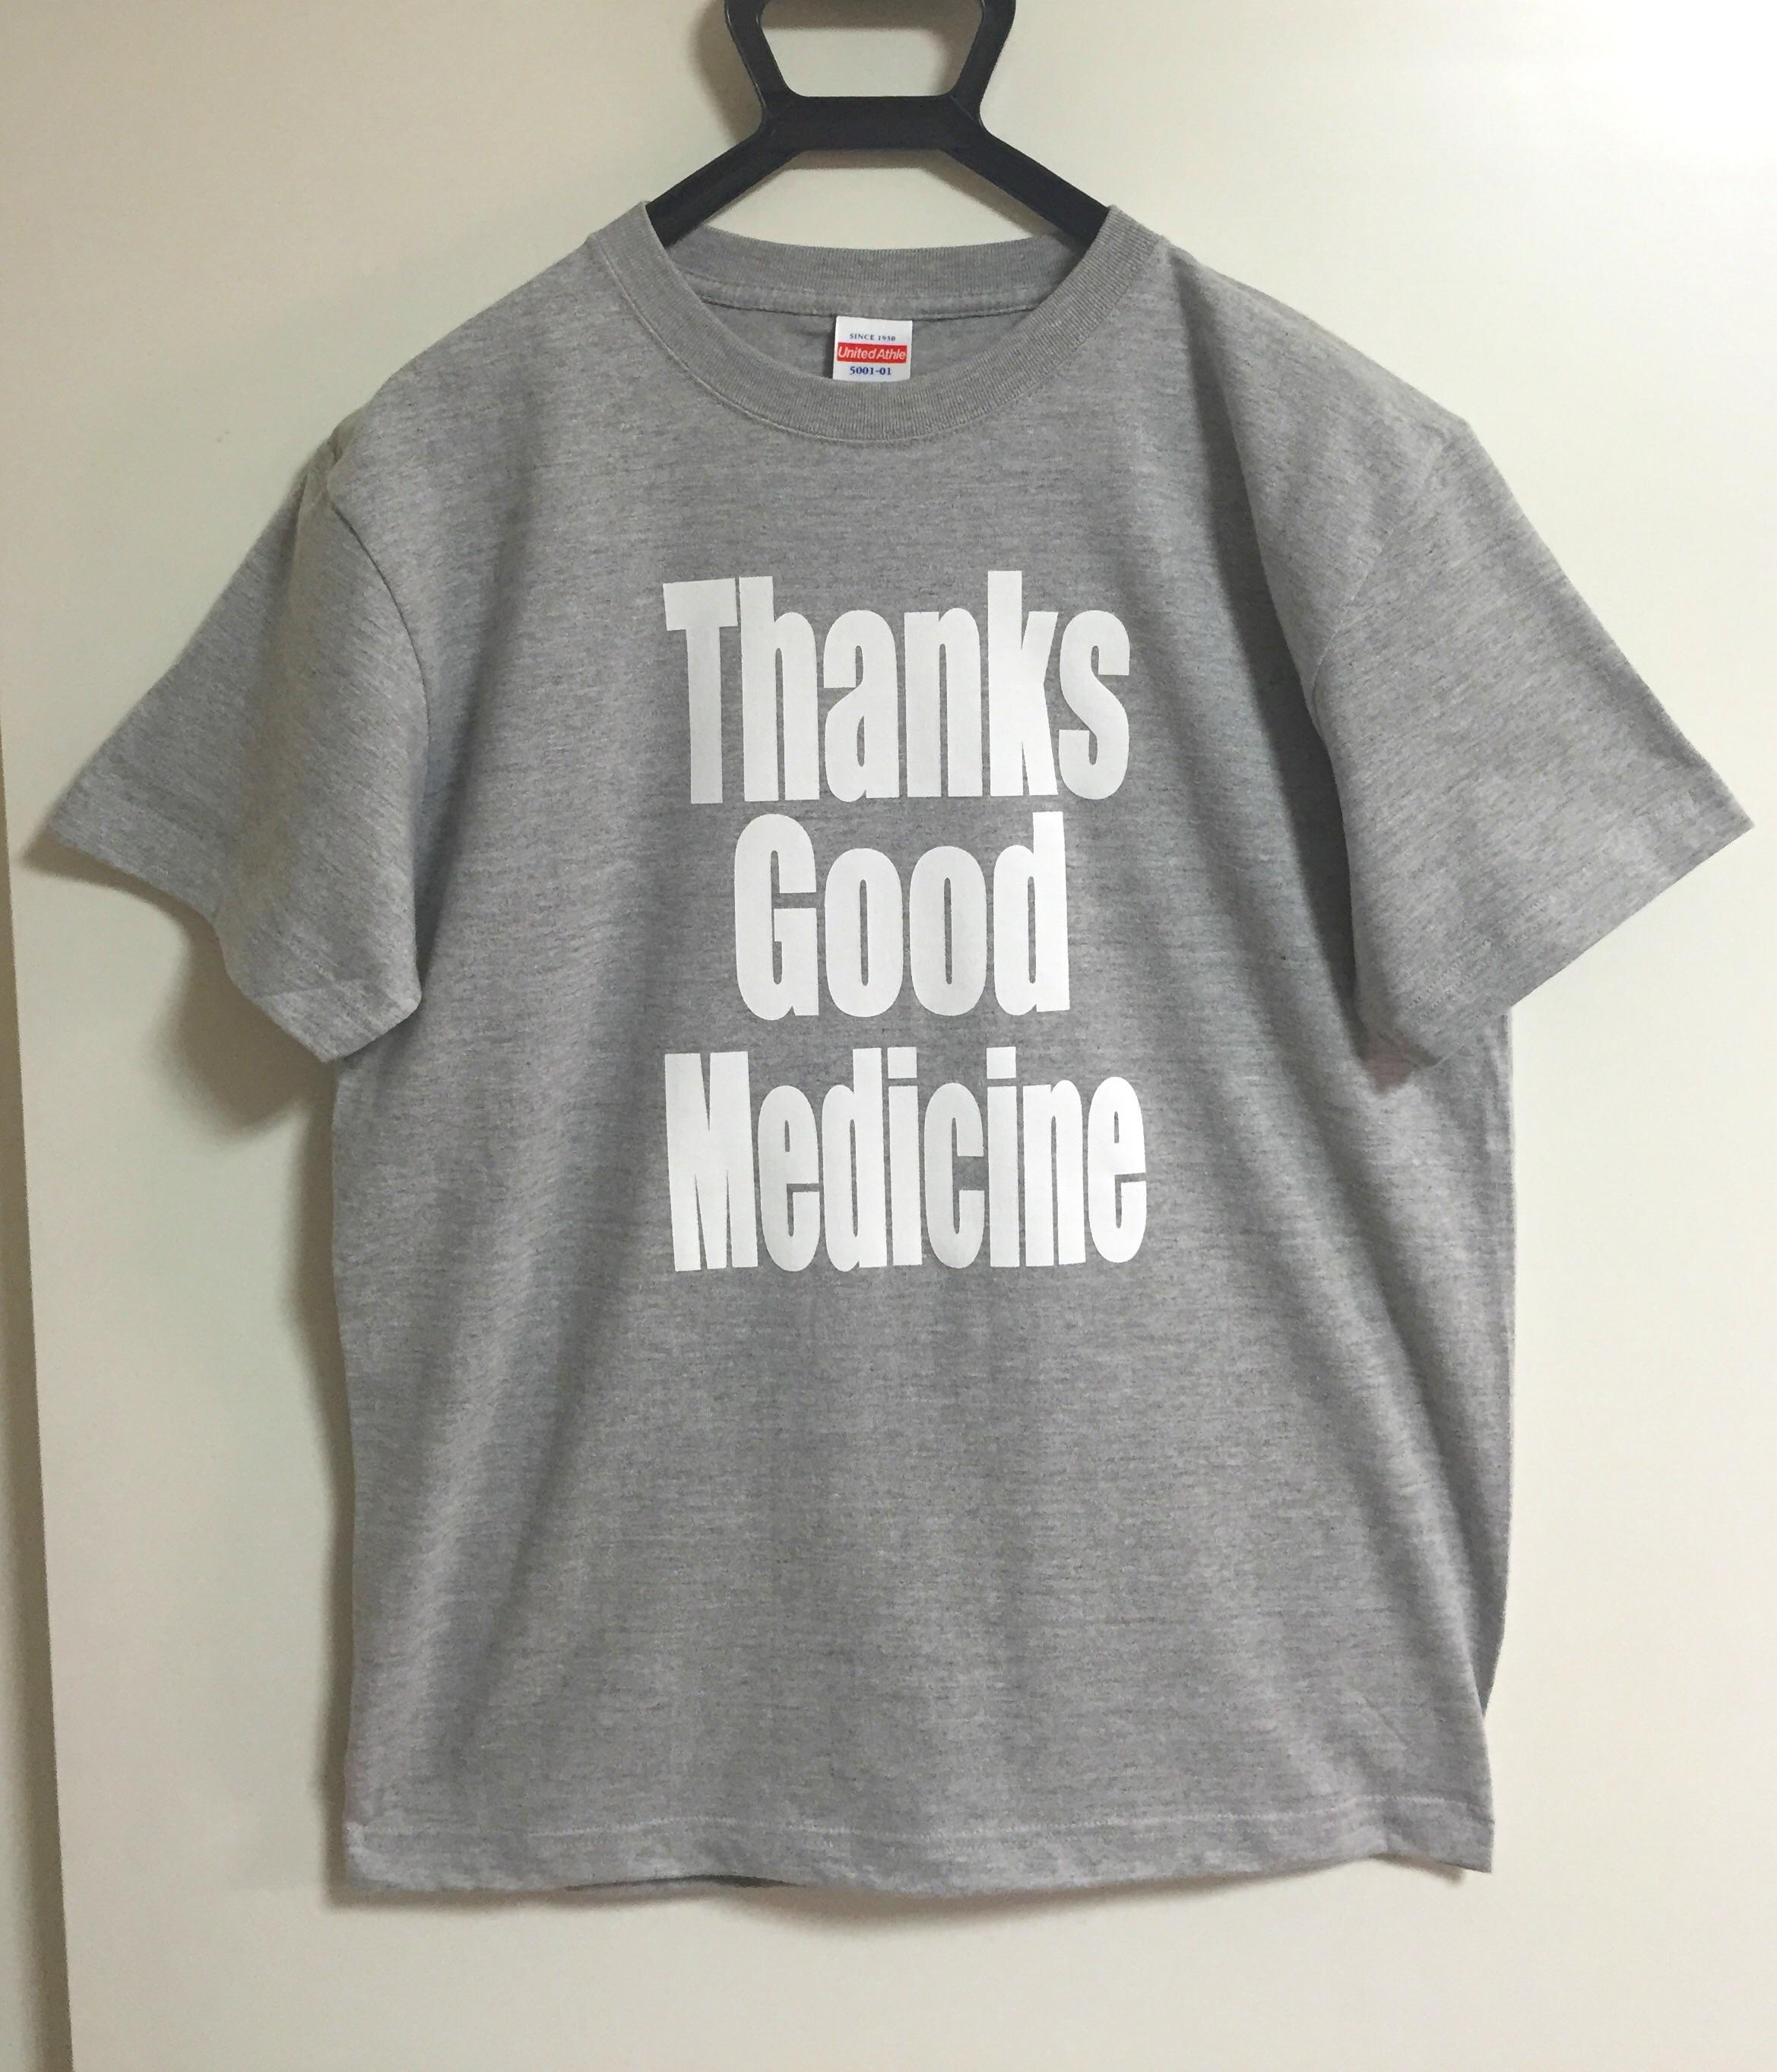 いい薬Tシャツ ミックスグレーが残り僅かです。